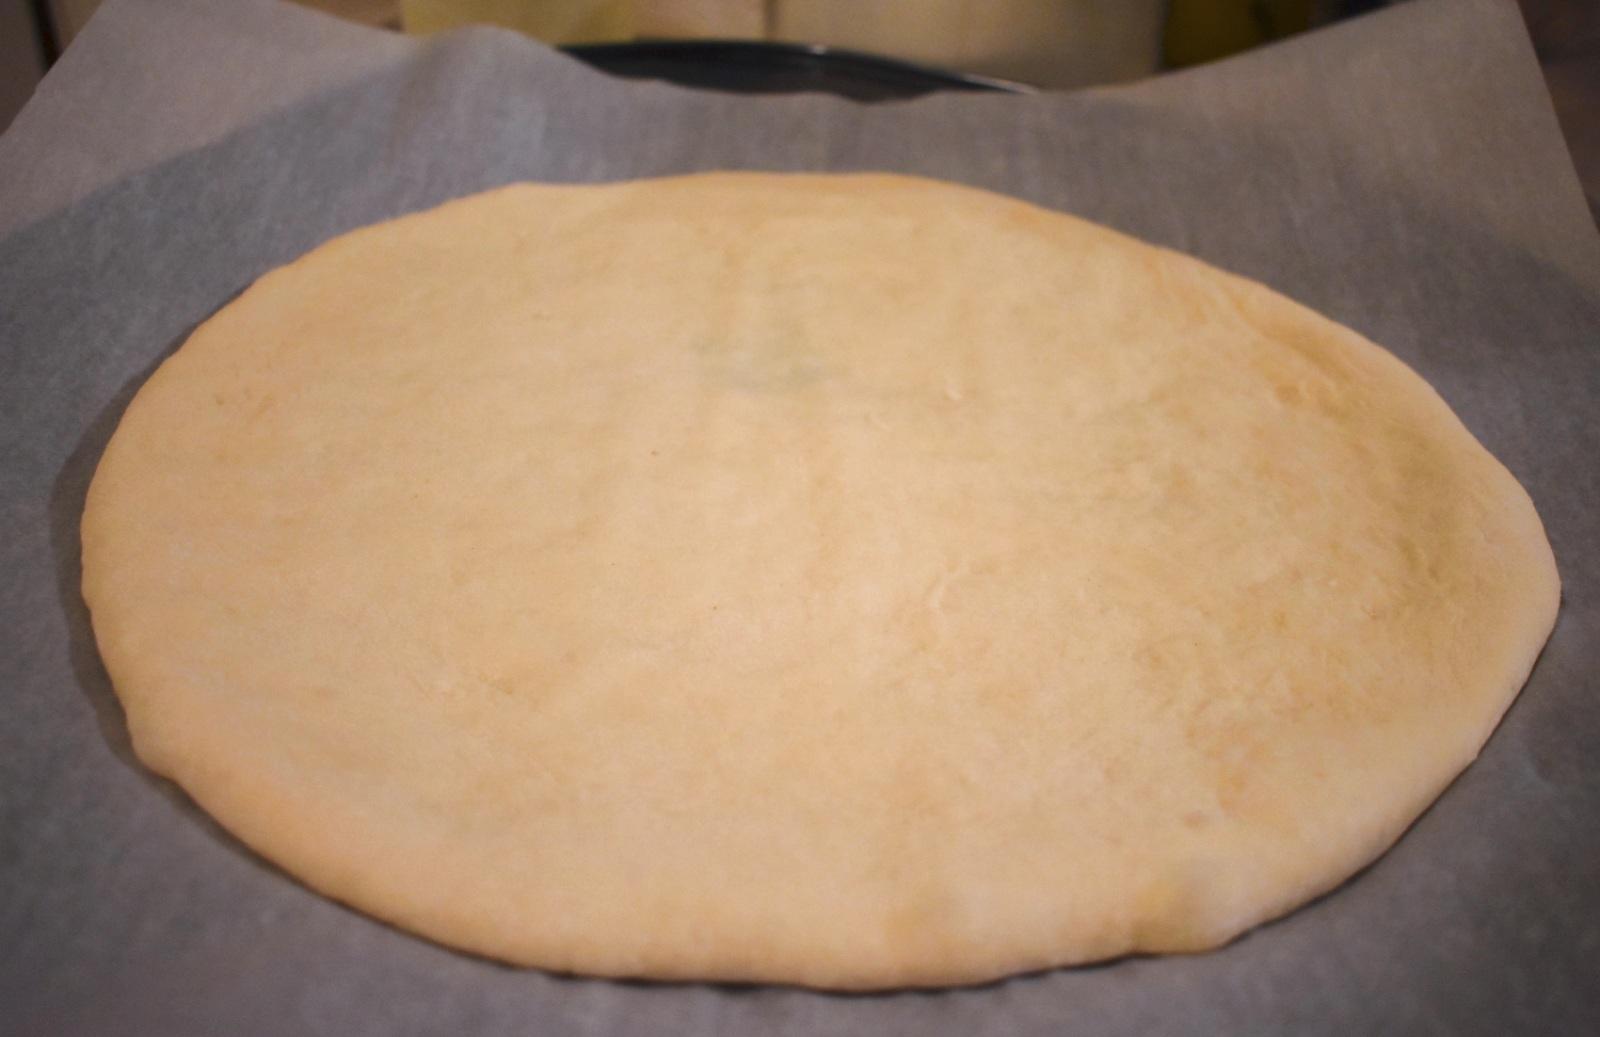 Massa de pizza pronta em 5 minutos - Auboutdelalangue.com (5)